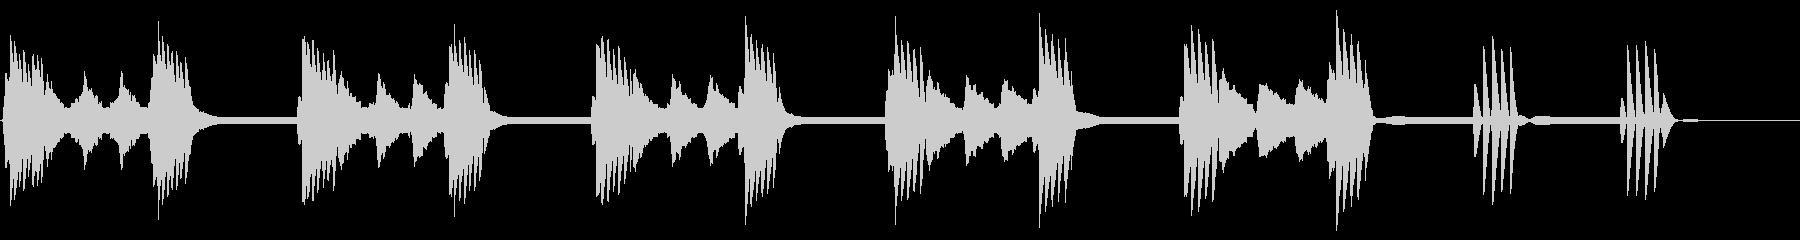 古い8ビットビデオゲーム:レベルま...の未再生の波形